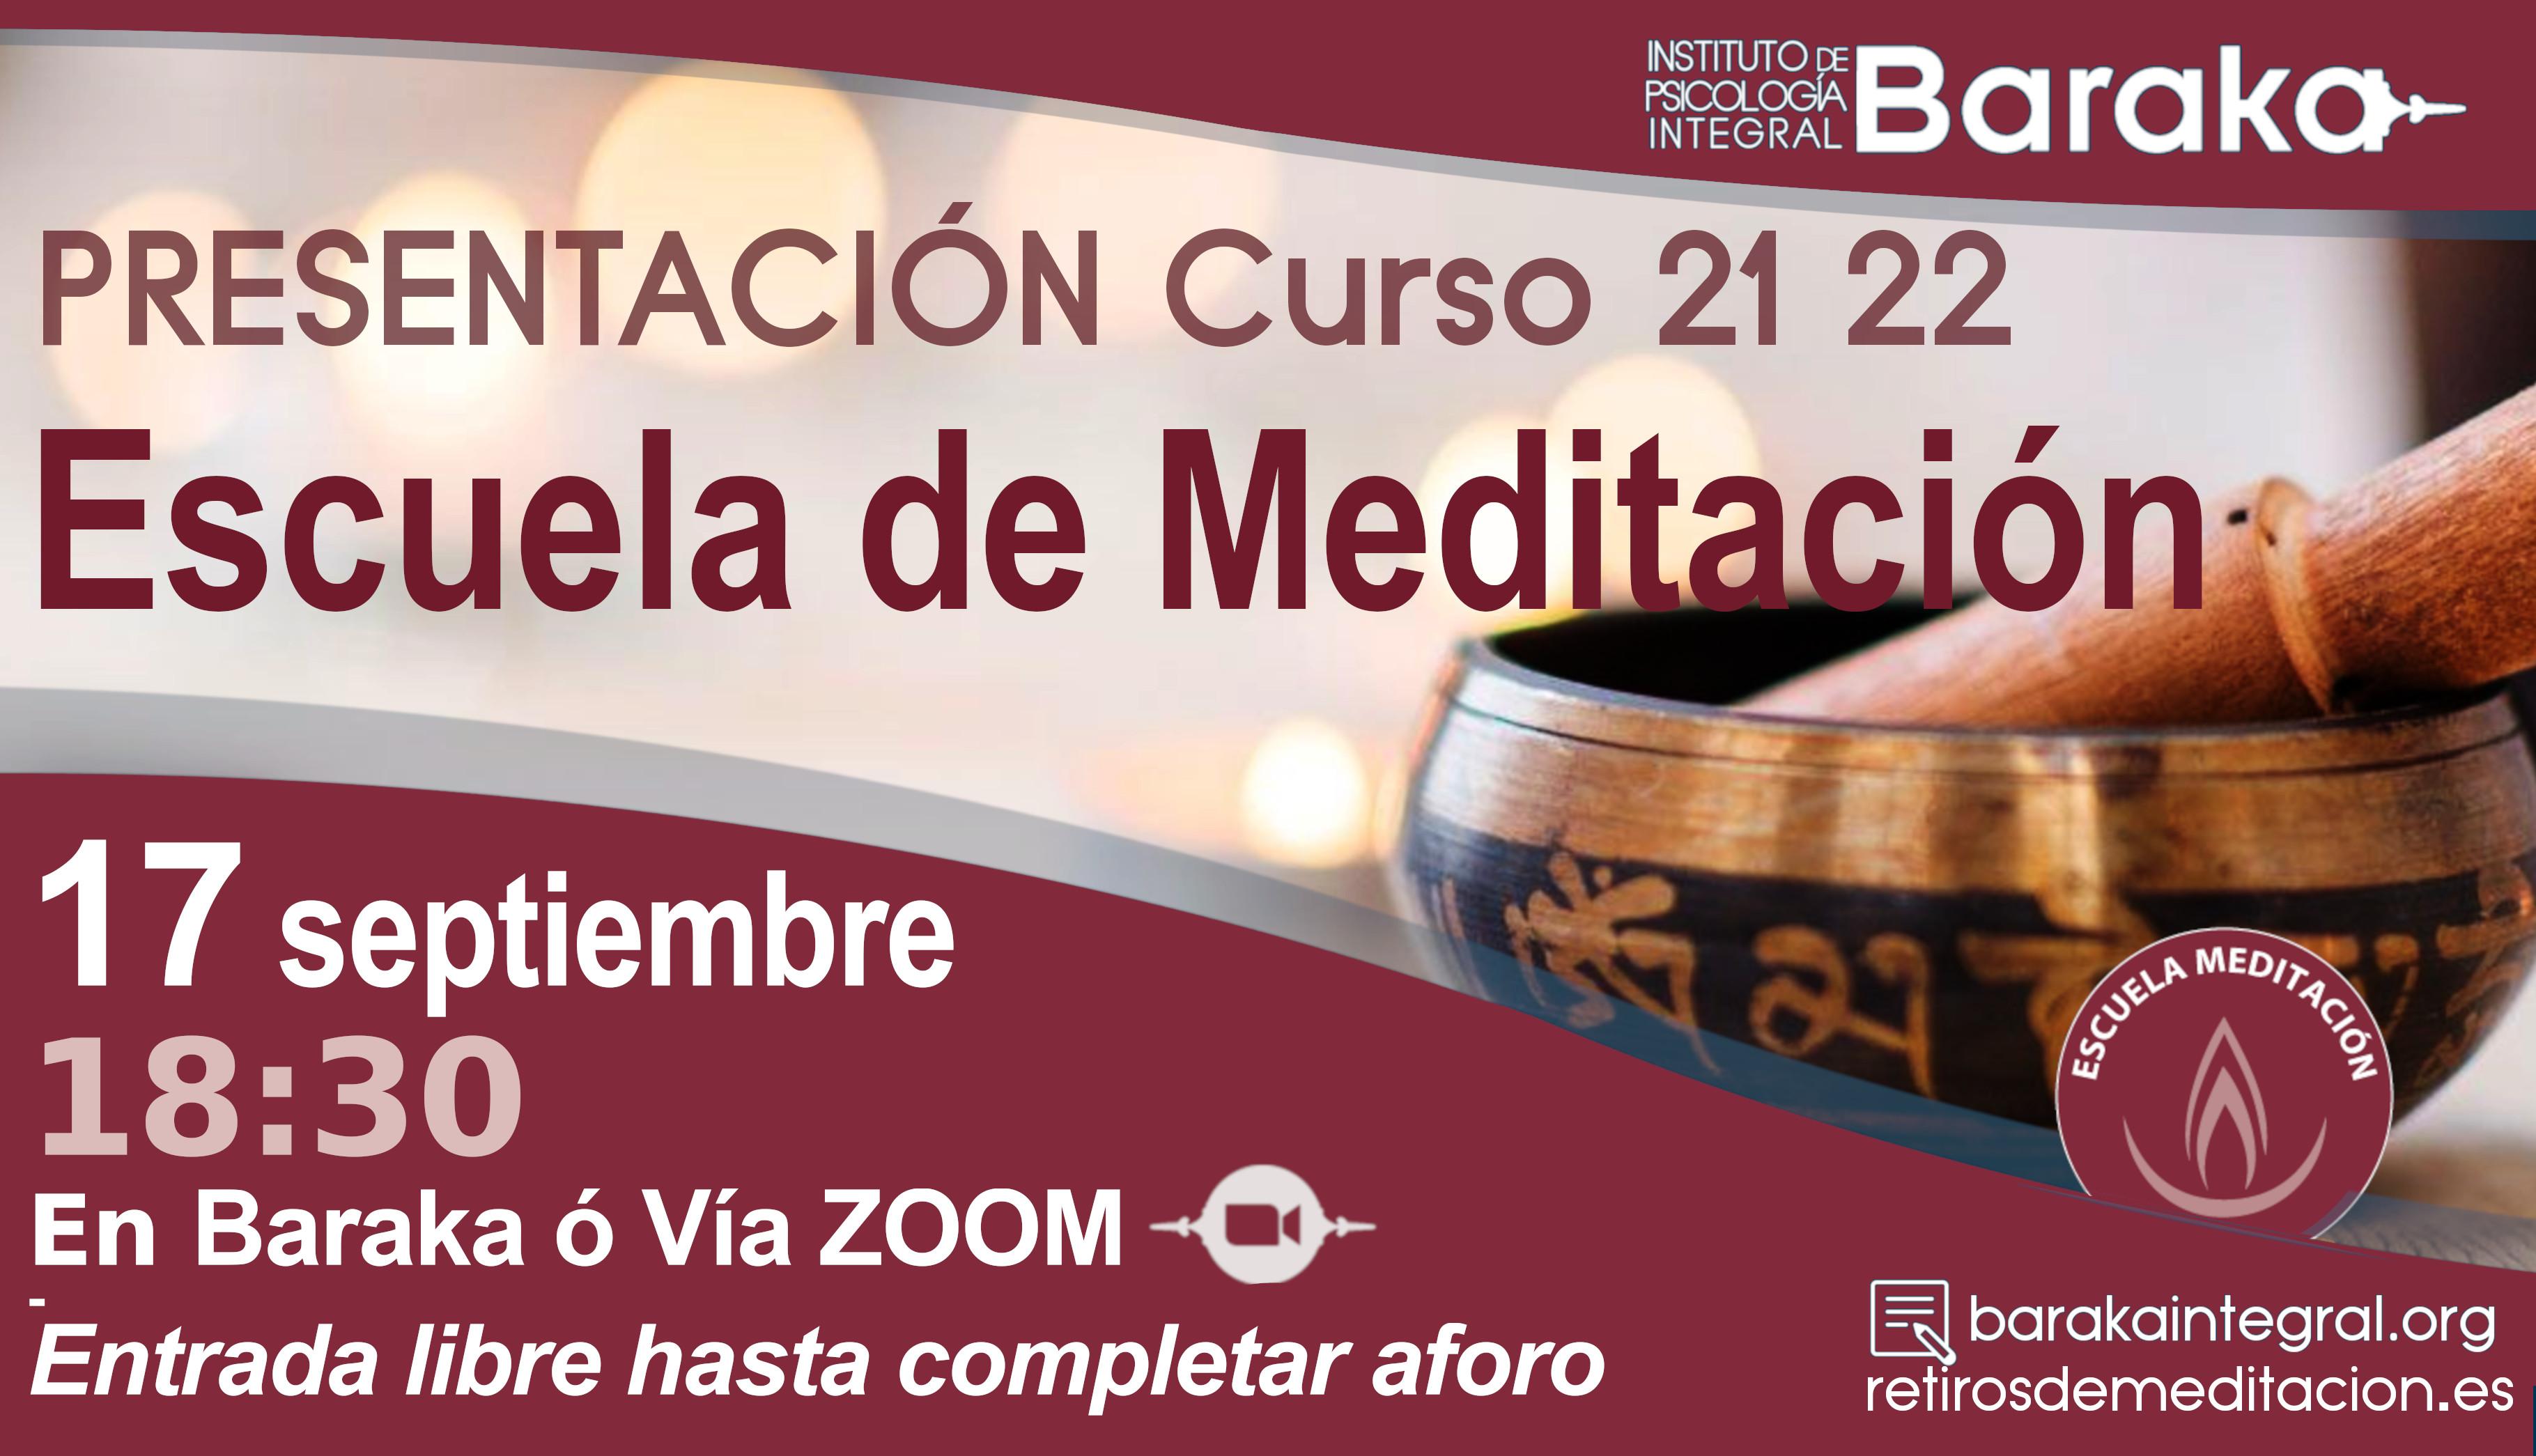 Presentación escuela de meditación curso 21 22